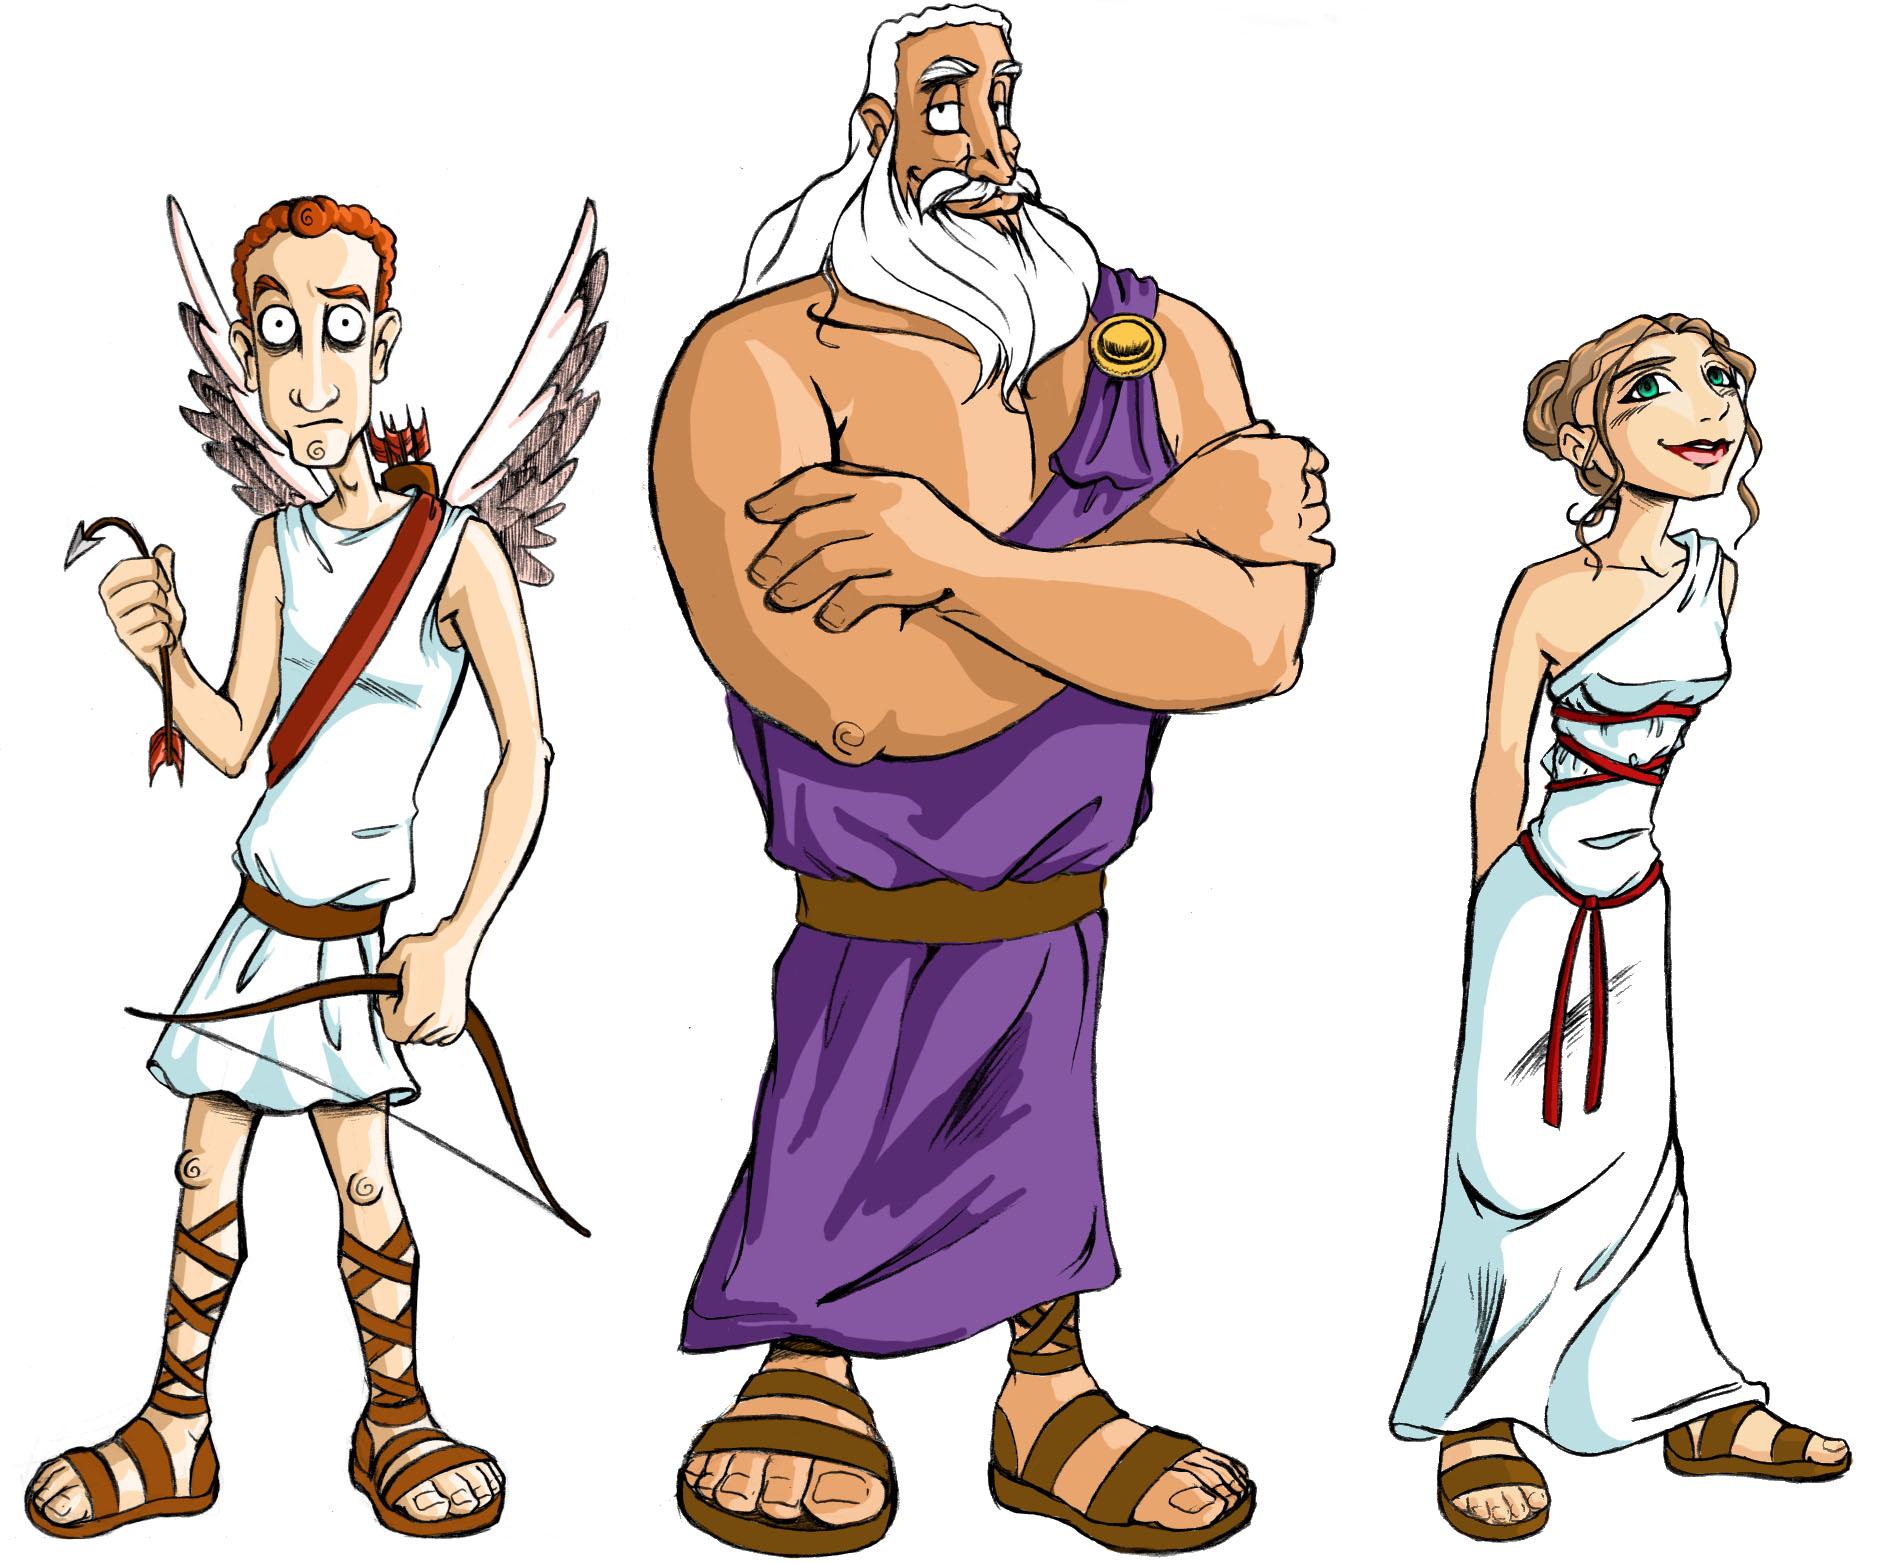 первую картинки греческих богов смешные разжевала разложила полочкам